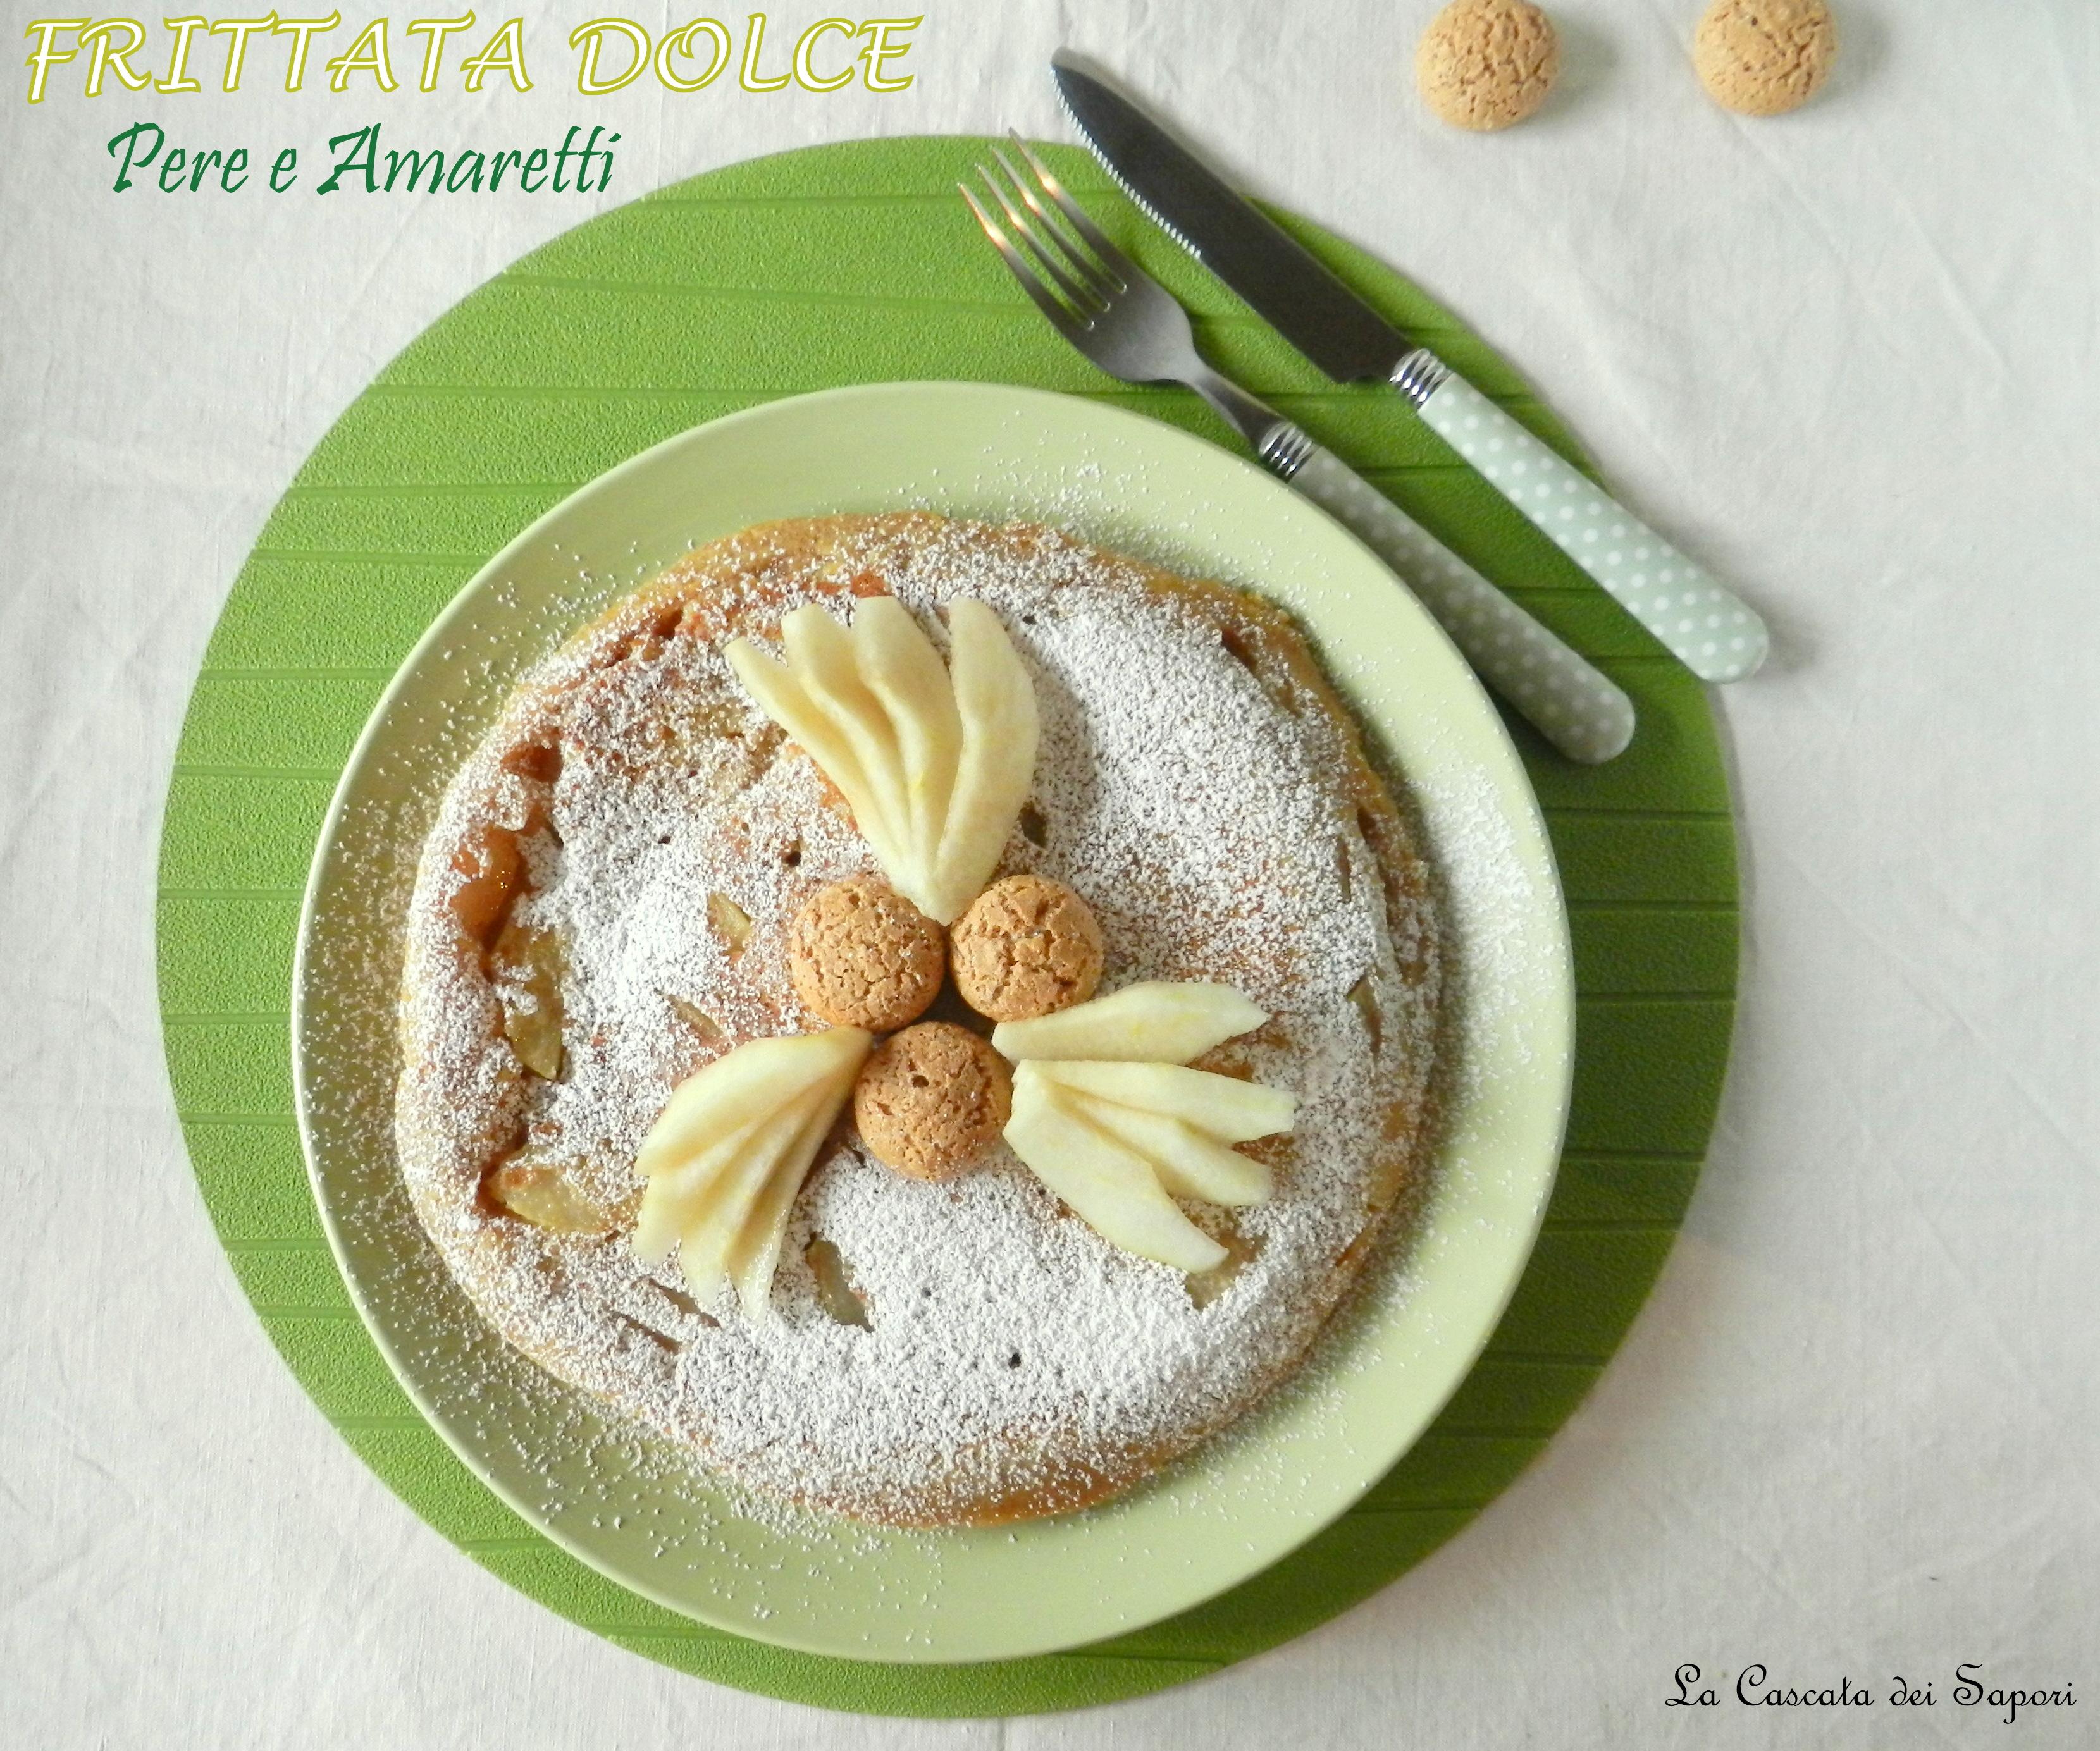 Frittata dolce con Pere & Amaretti